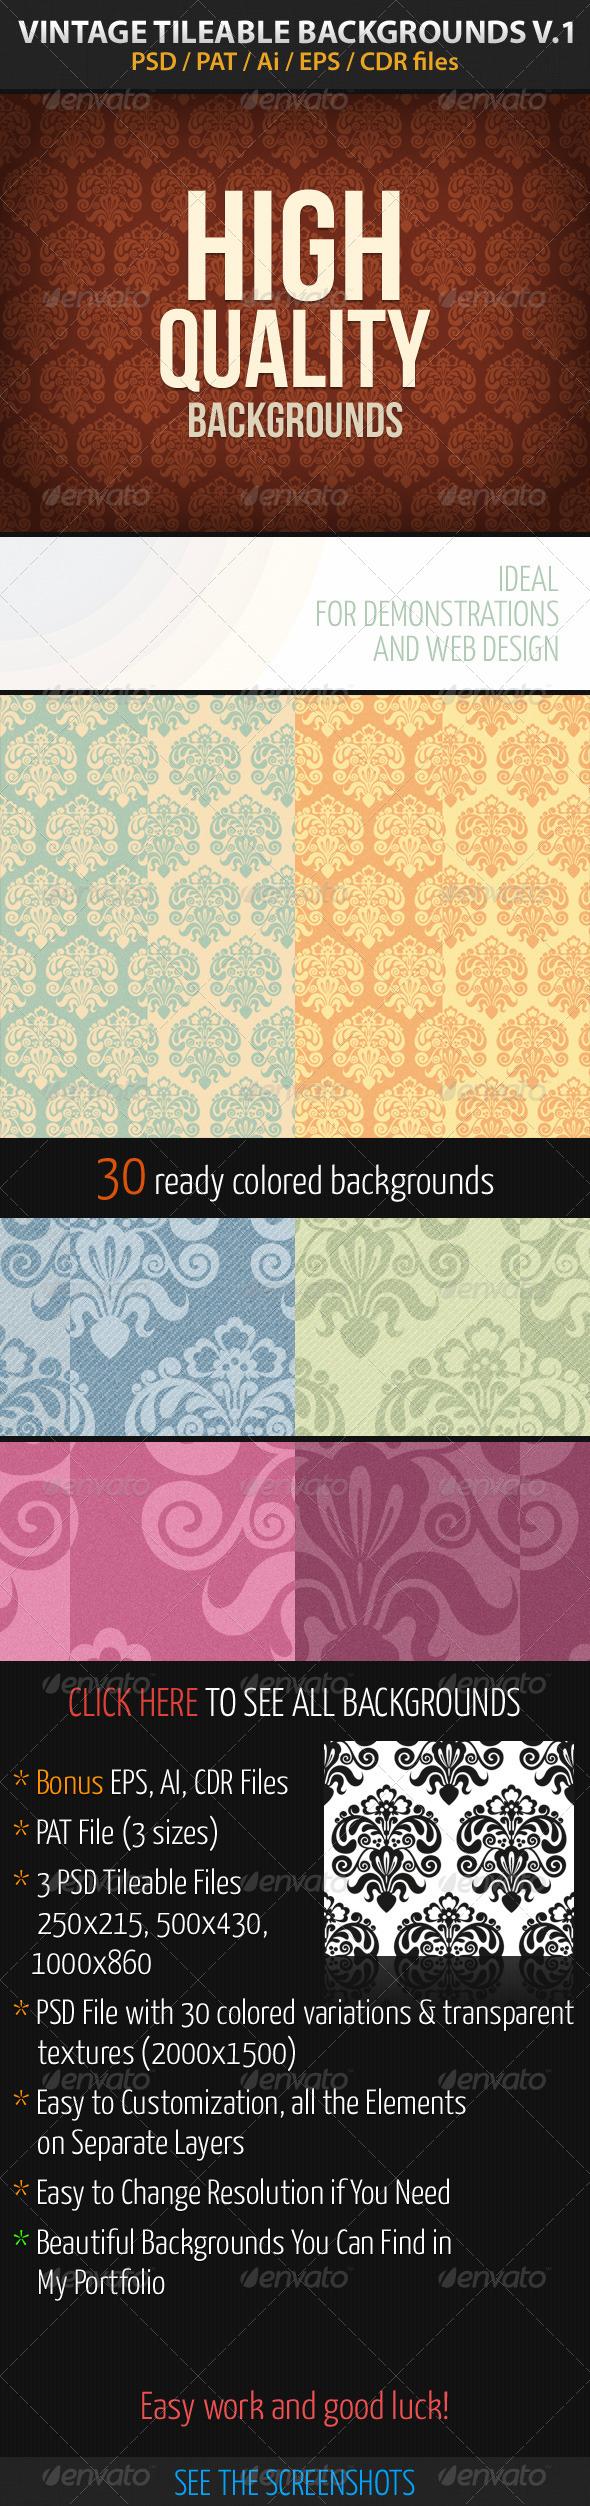 GraphicRiver Vintage Tileable Backgrounds v1 2795945